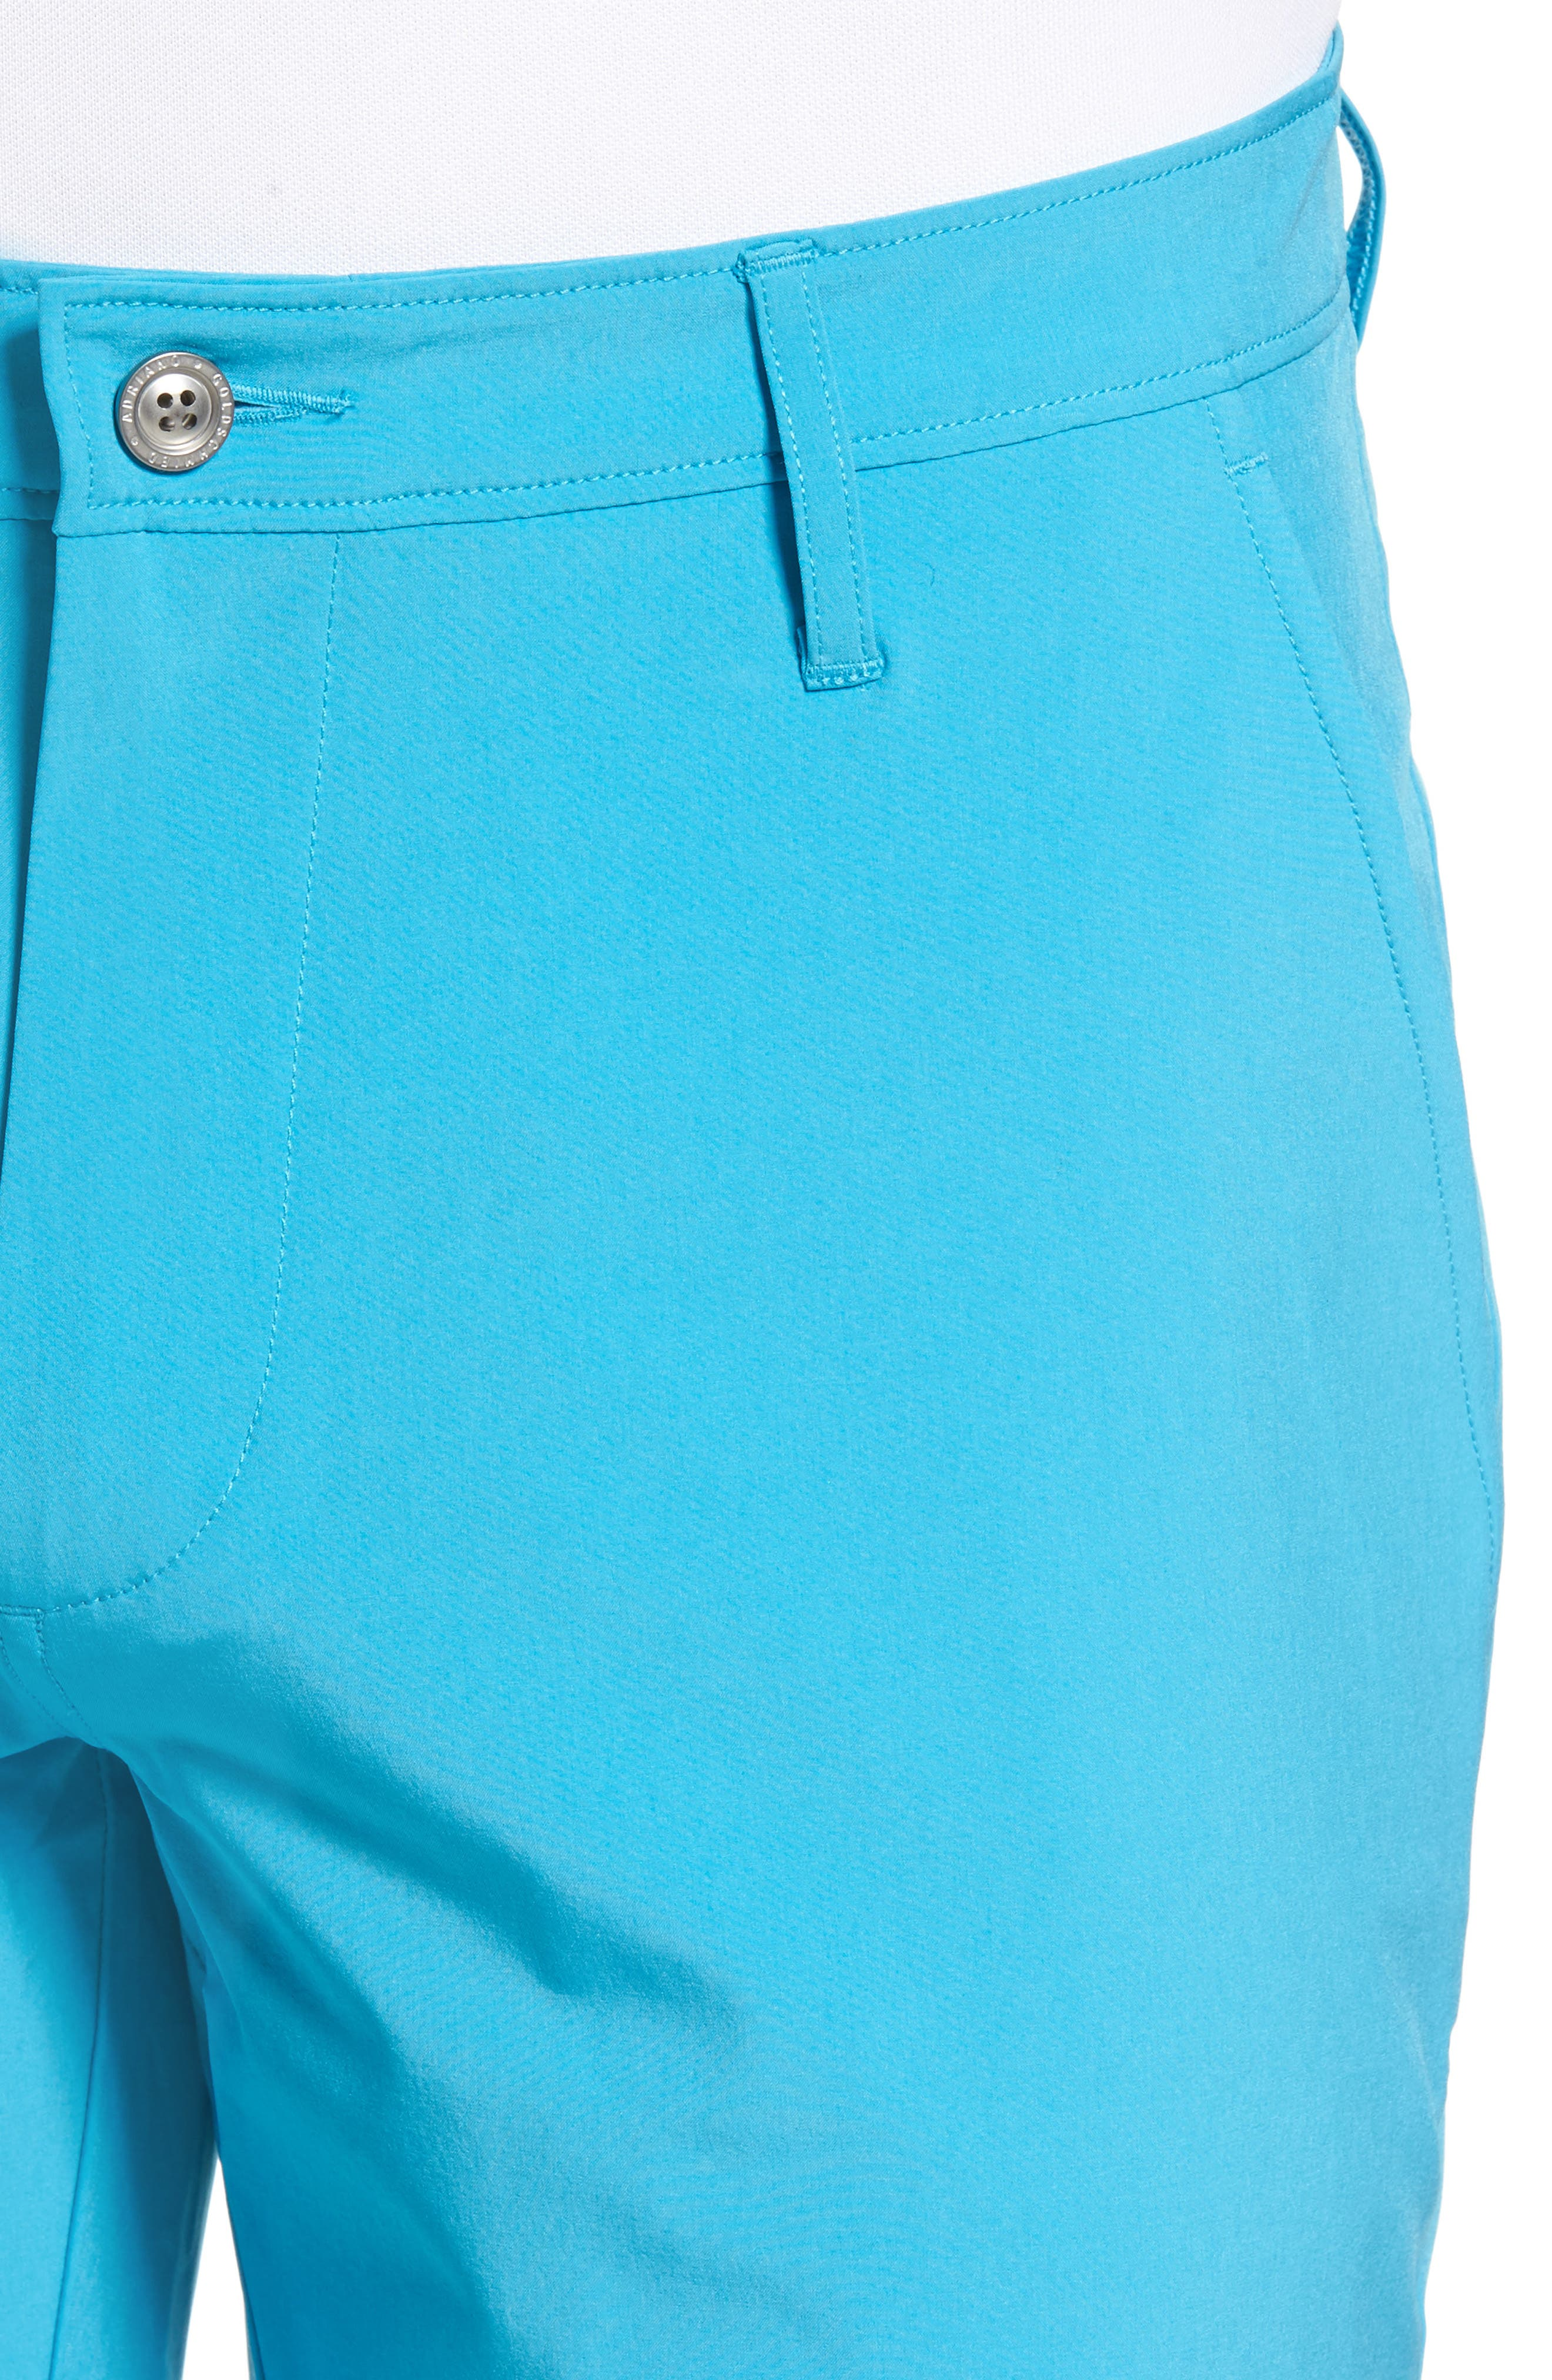 Canyon Shorts,                             Alternate thumbnail 4, color,                             454